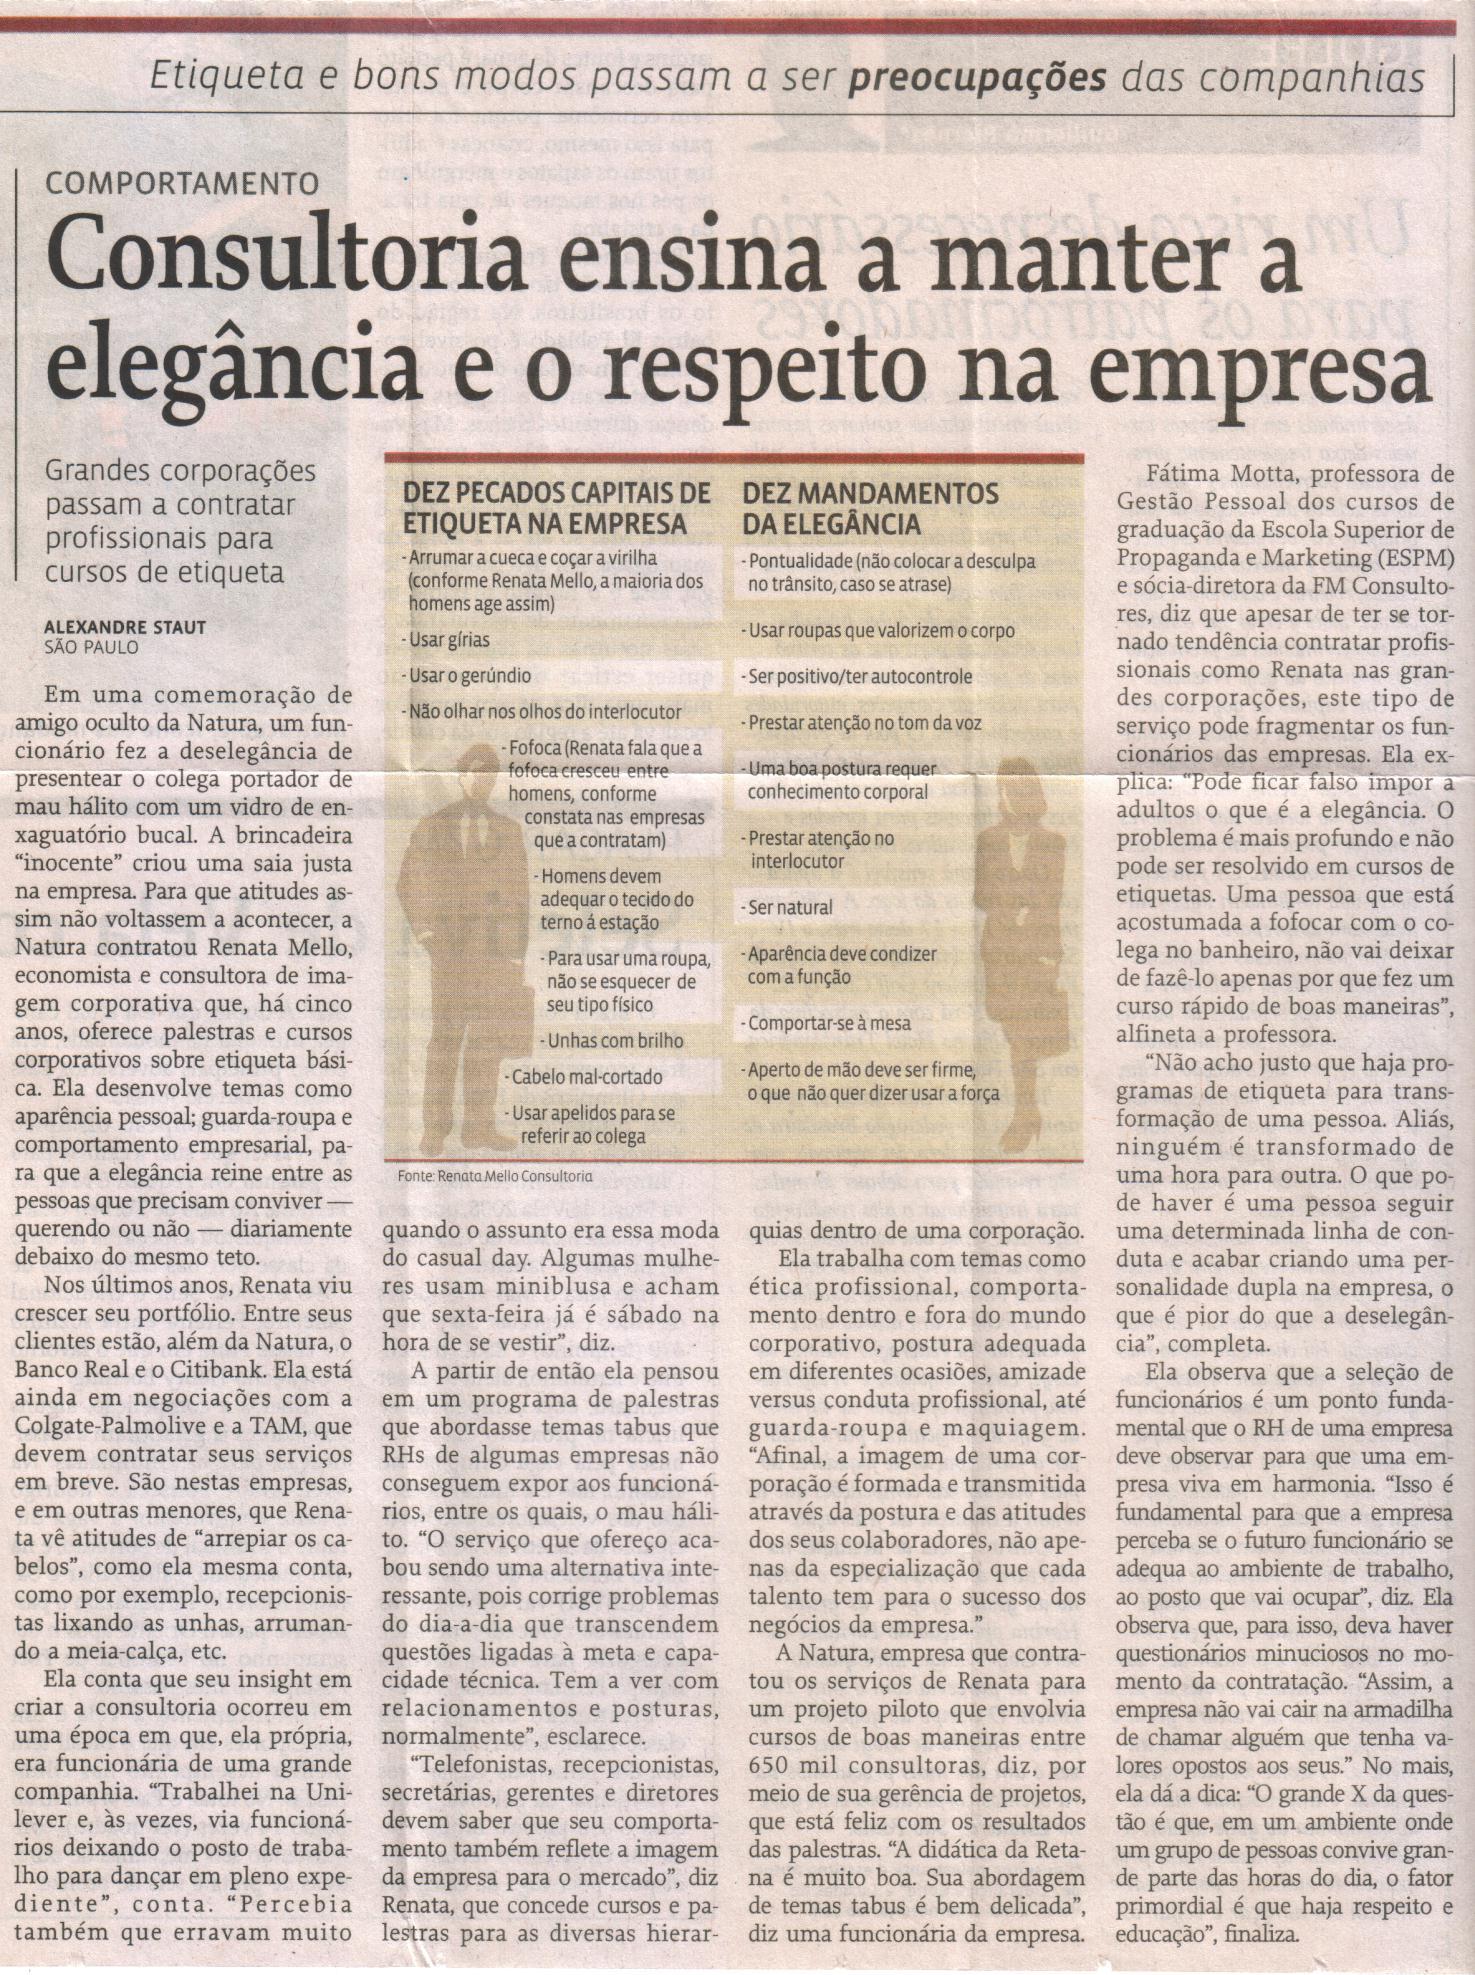 07/02/08 – Consultoria ensina a manter a elegância e o respeito na empresa